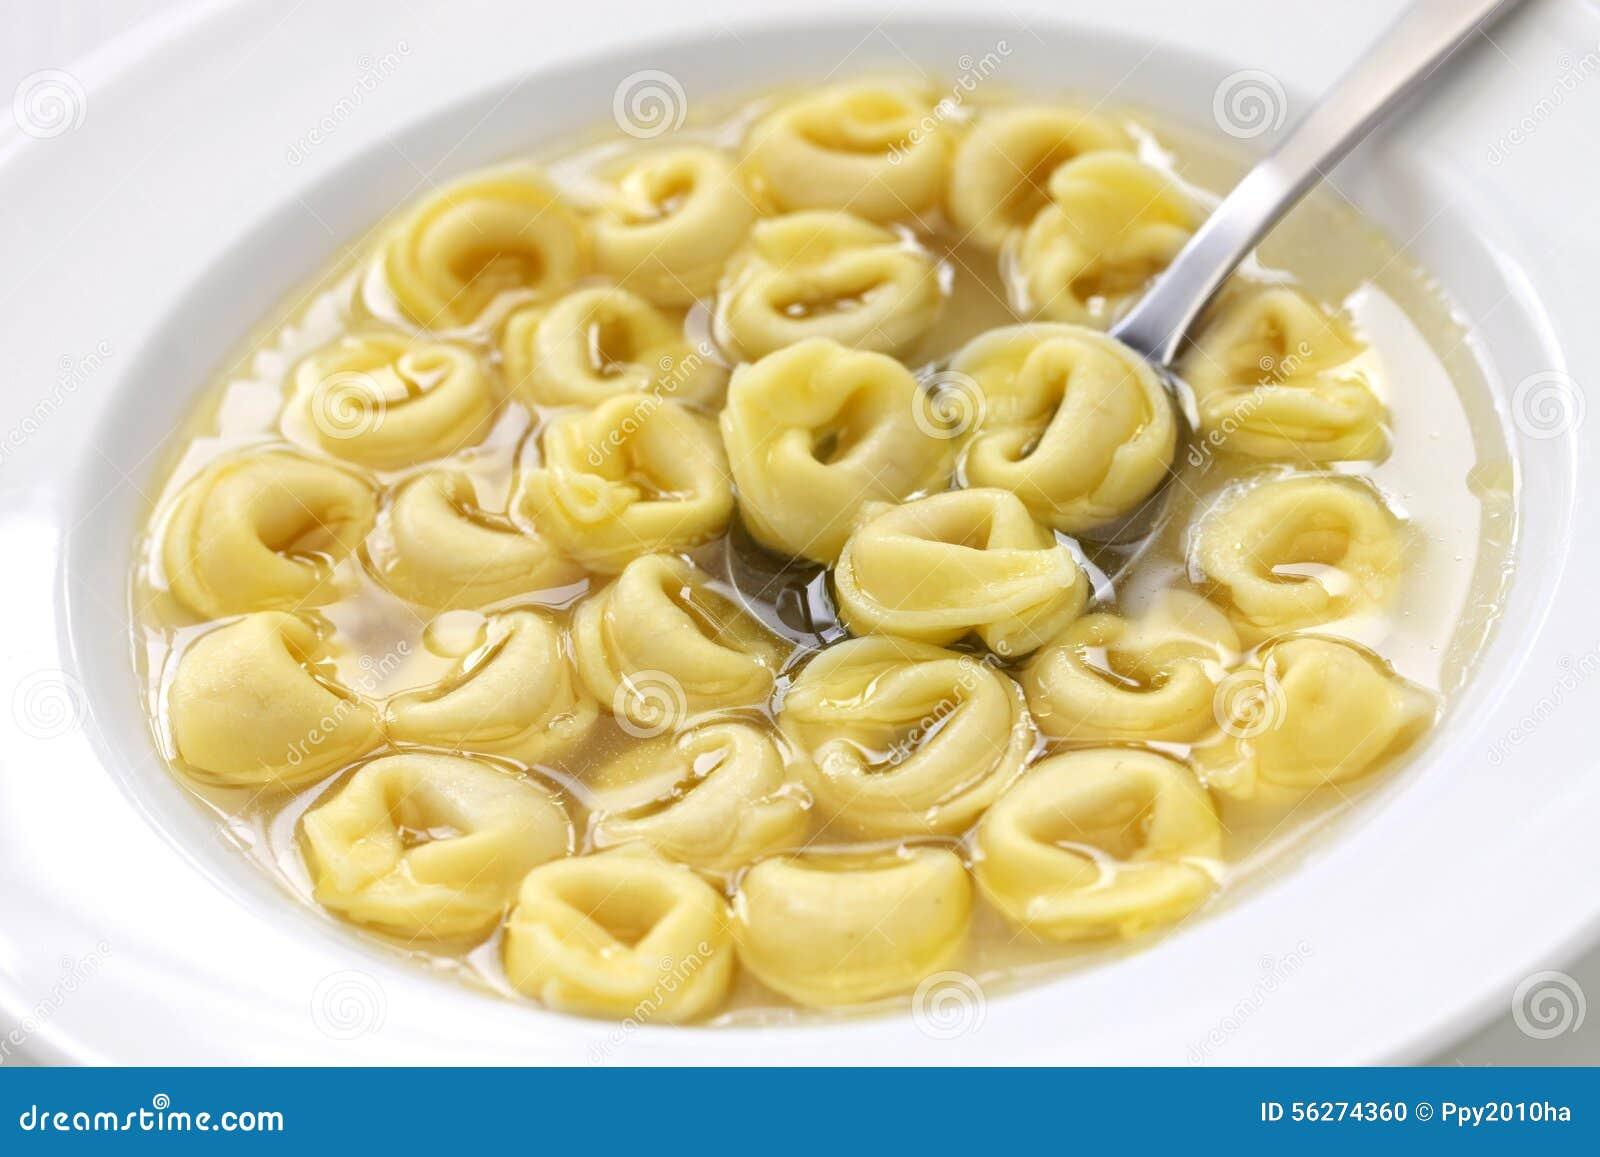 Tortellini dans le brodo cuisine italienne photo stock - Cuisine italienne pates ...